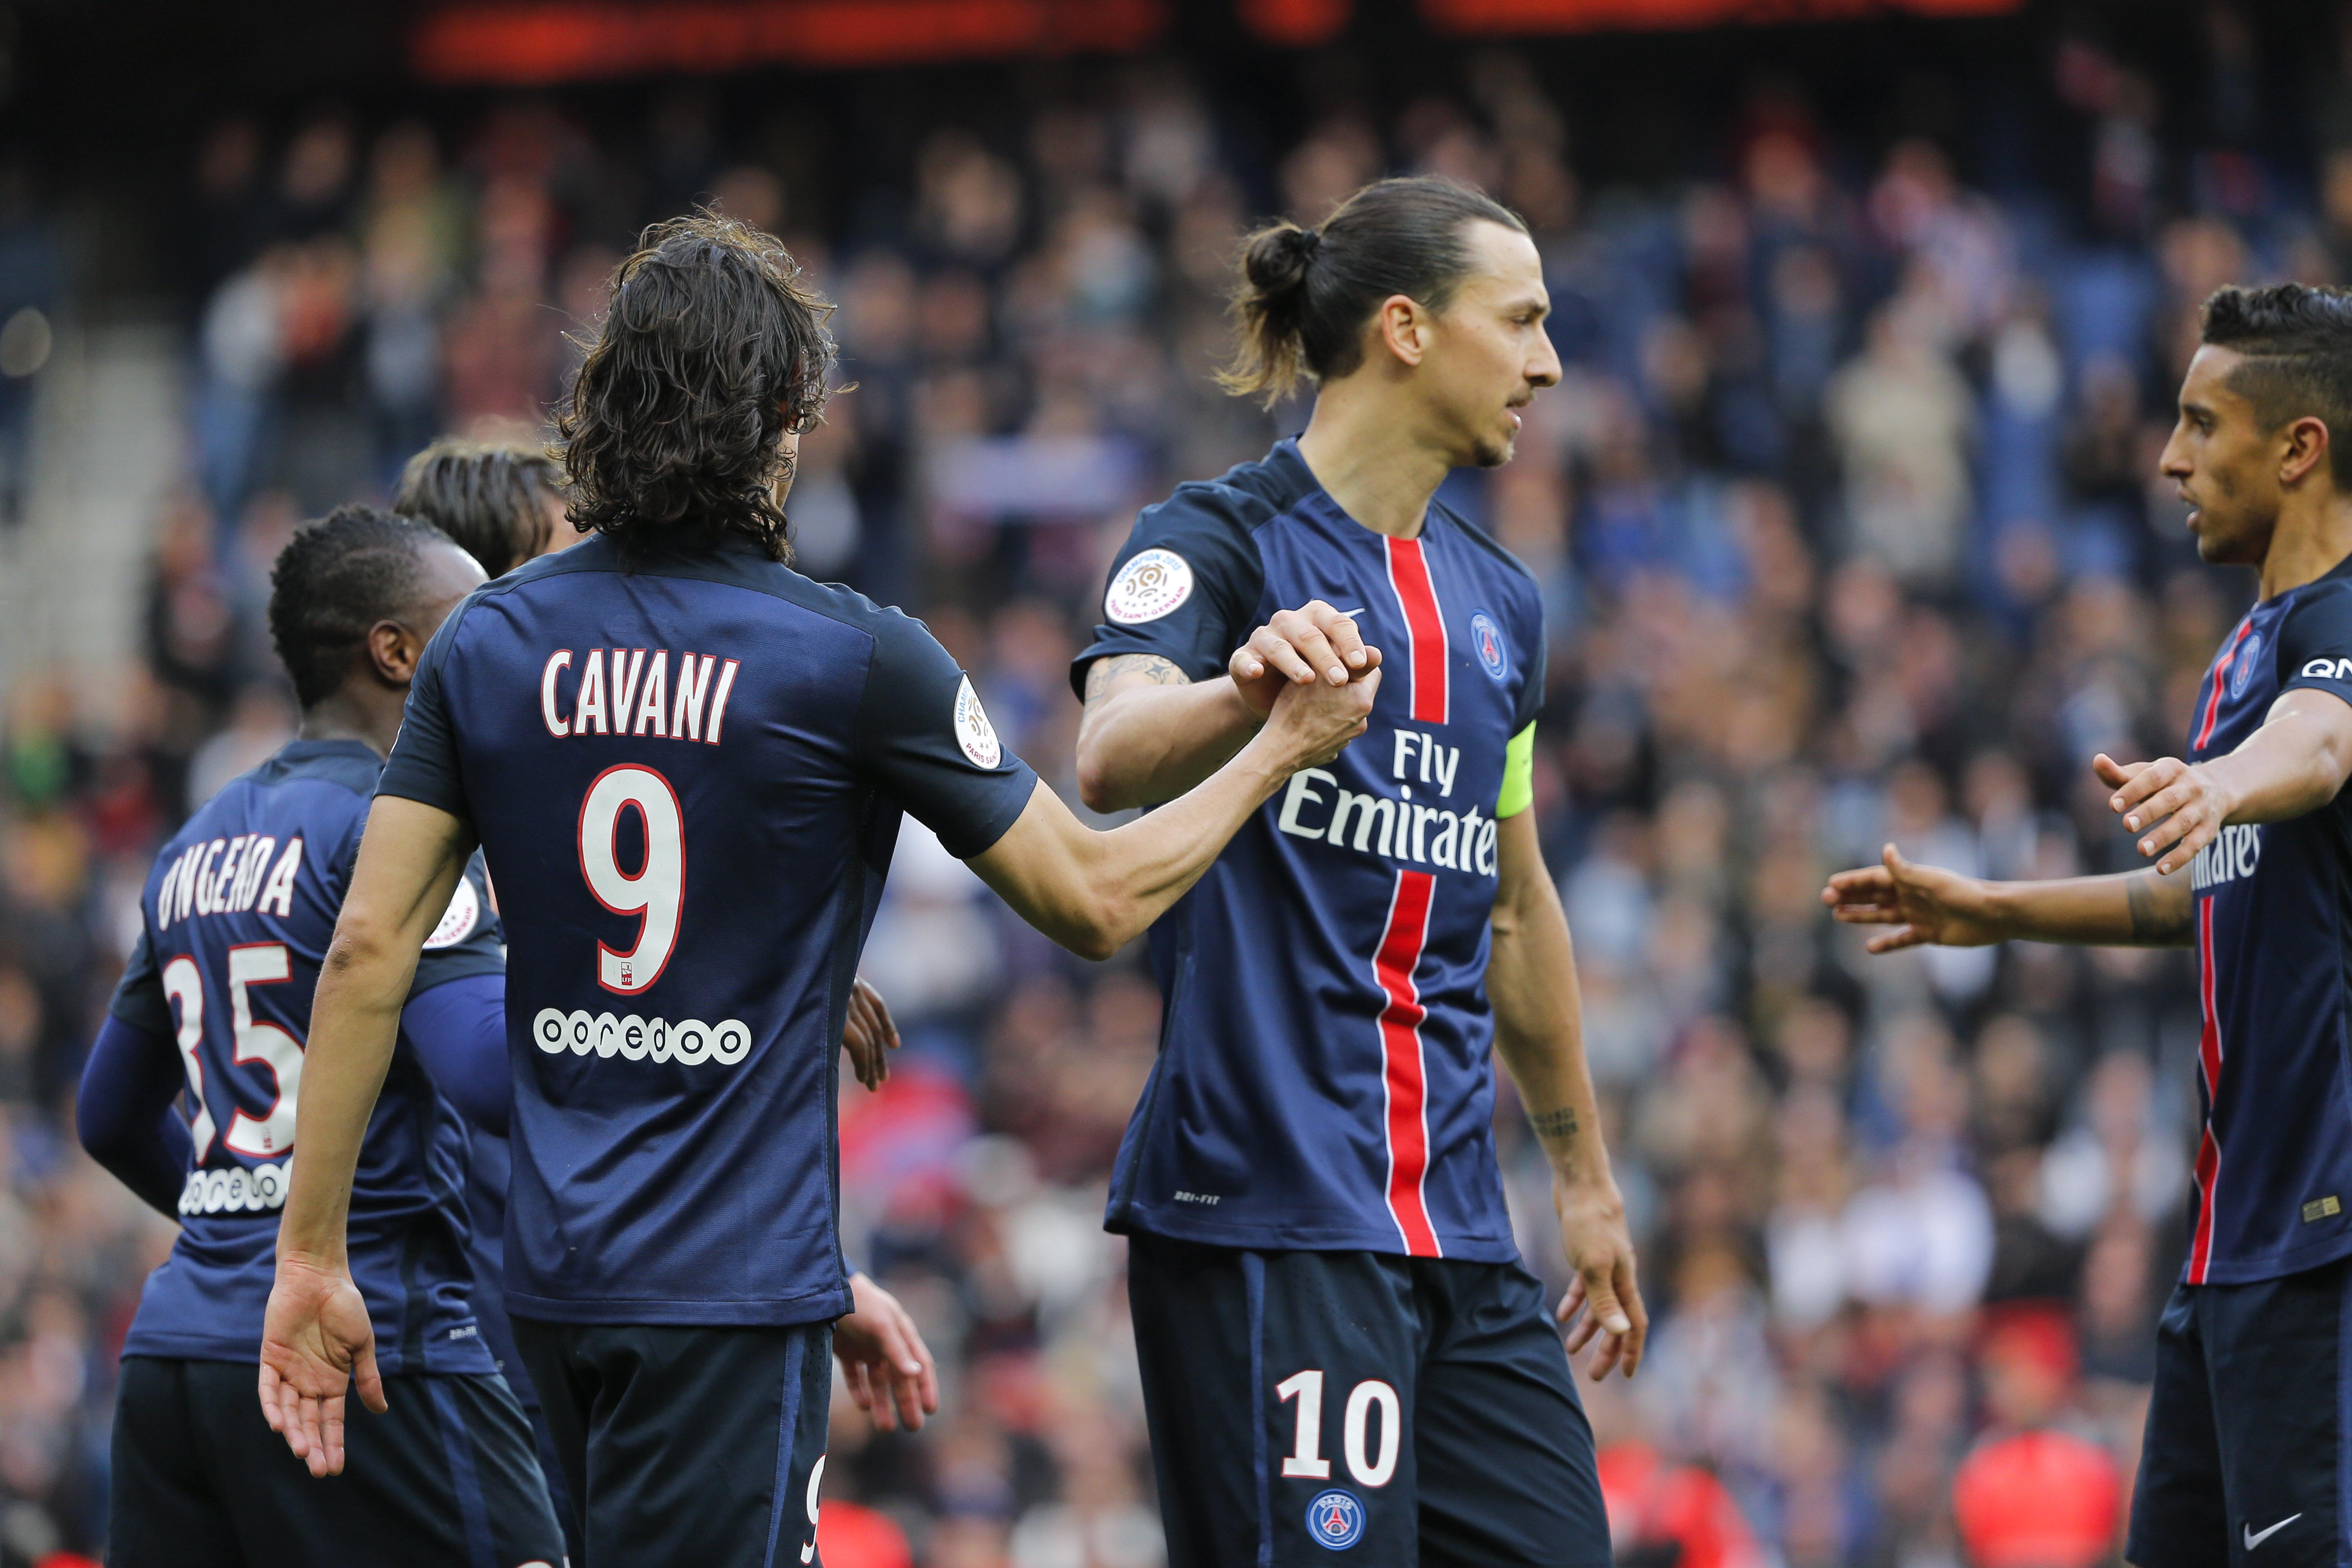 Football - Ligue 1 - Ventes de maillots : le Paris SG progresse au 8e rang mondial